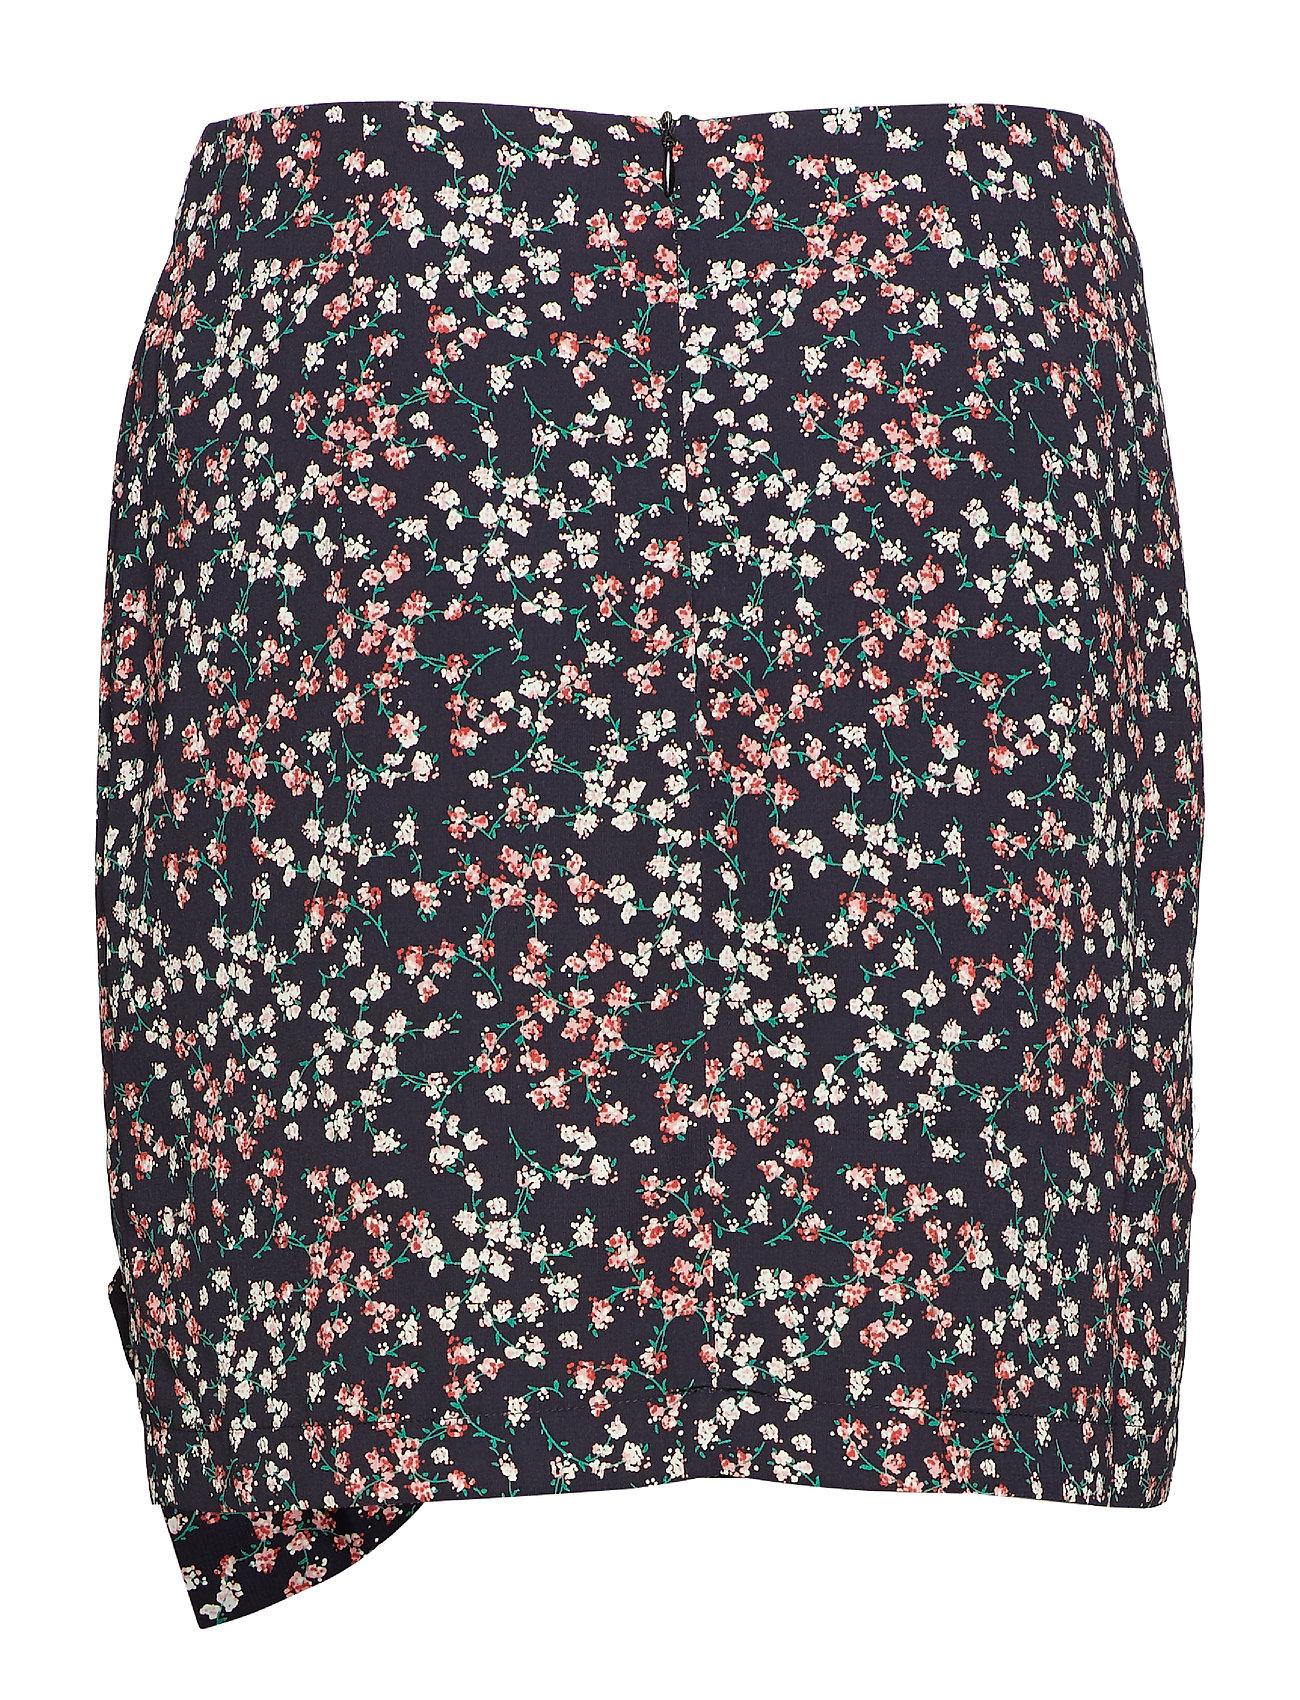 Rosa Skirt Kort Nederdel Sort Birgitte Herskind